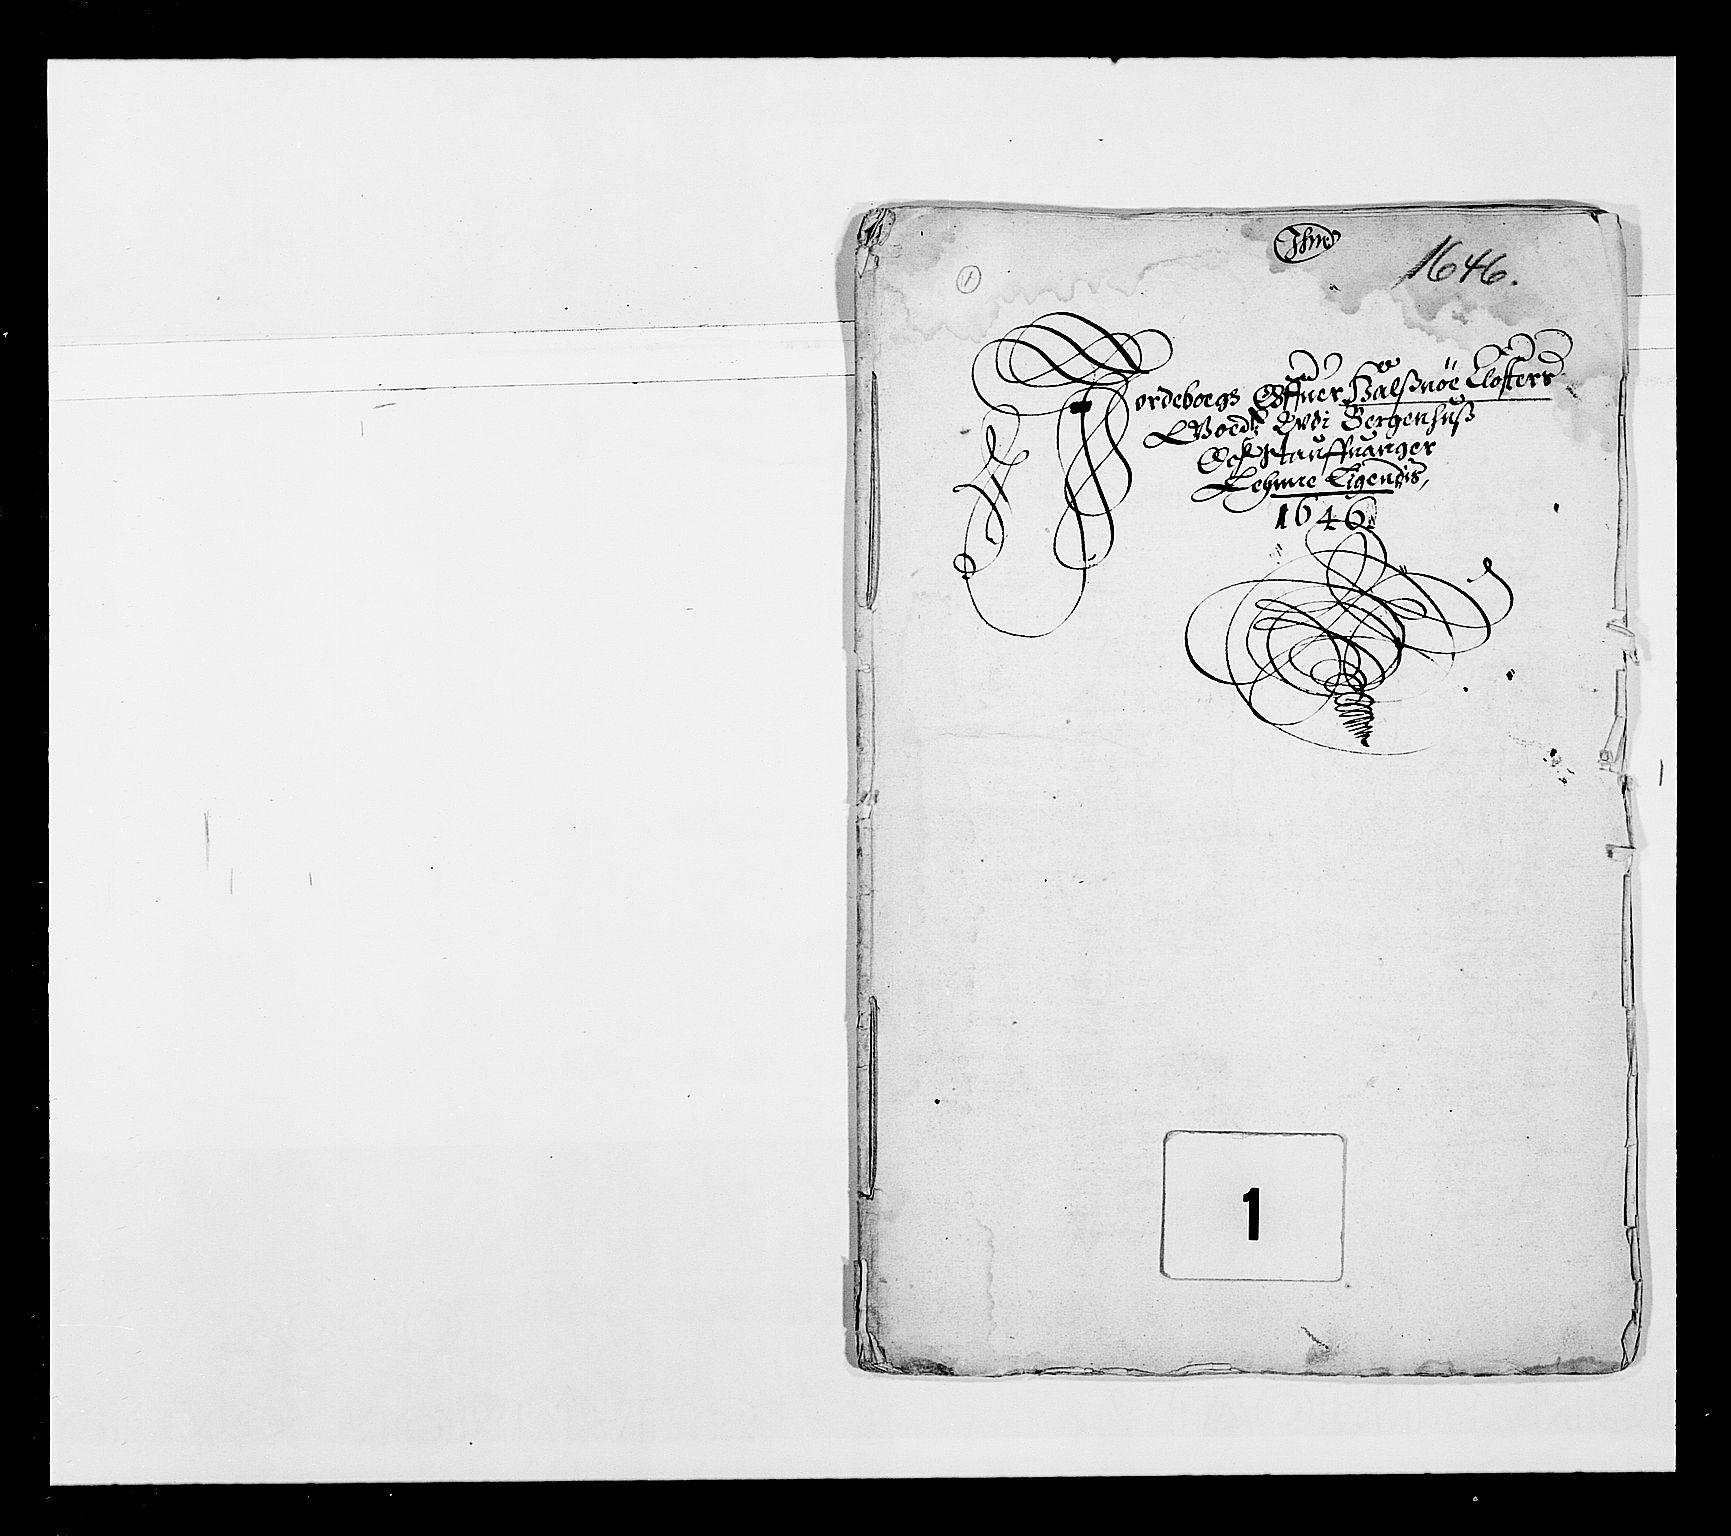 RA, Stattholderembetet 1572-1771, Ek/L0025: Jordebøker 1633-1658:, 1645-1646, s. 1